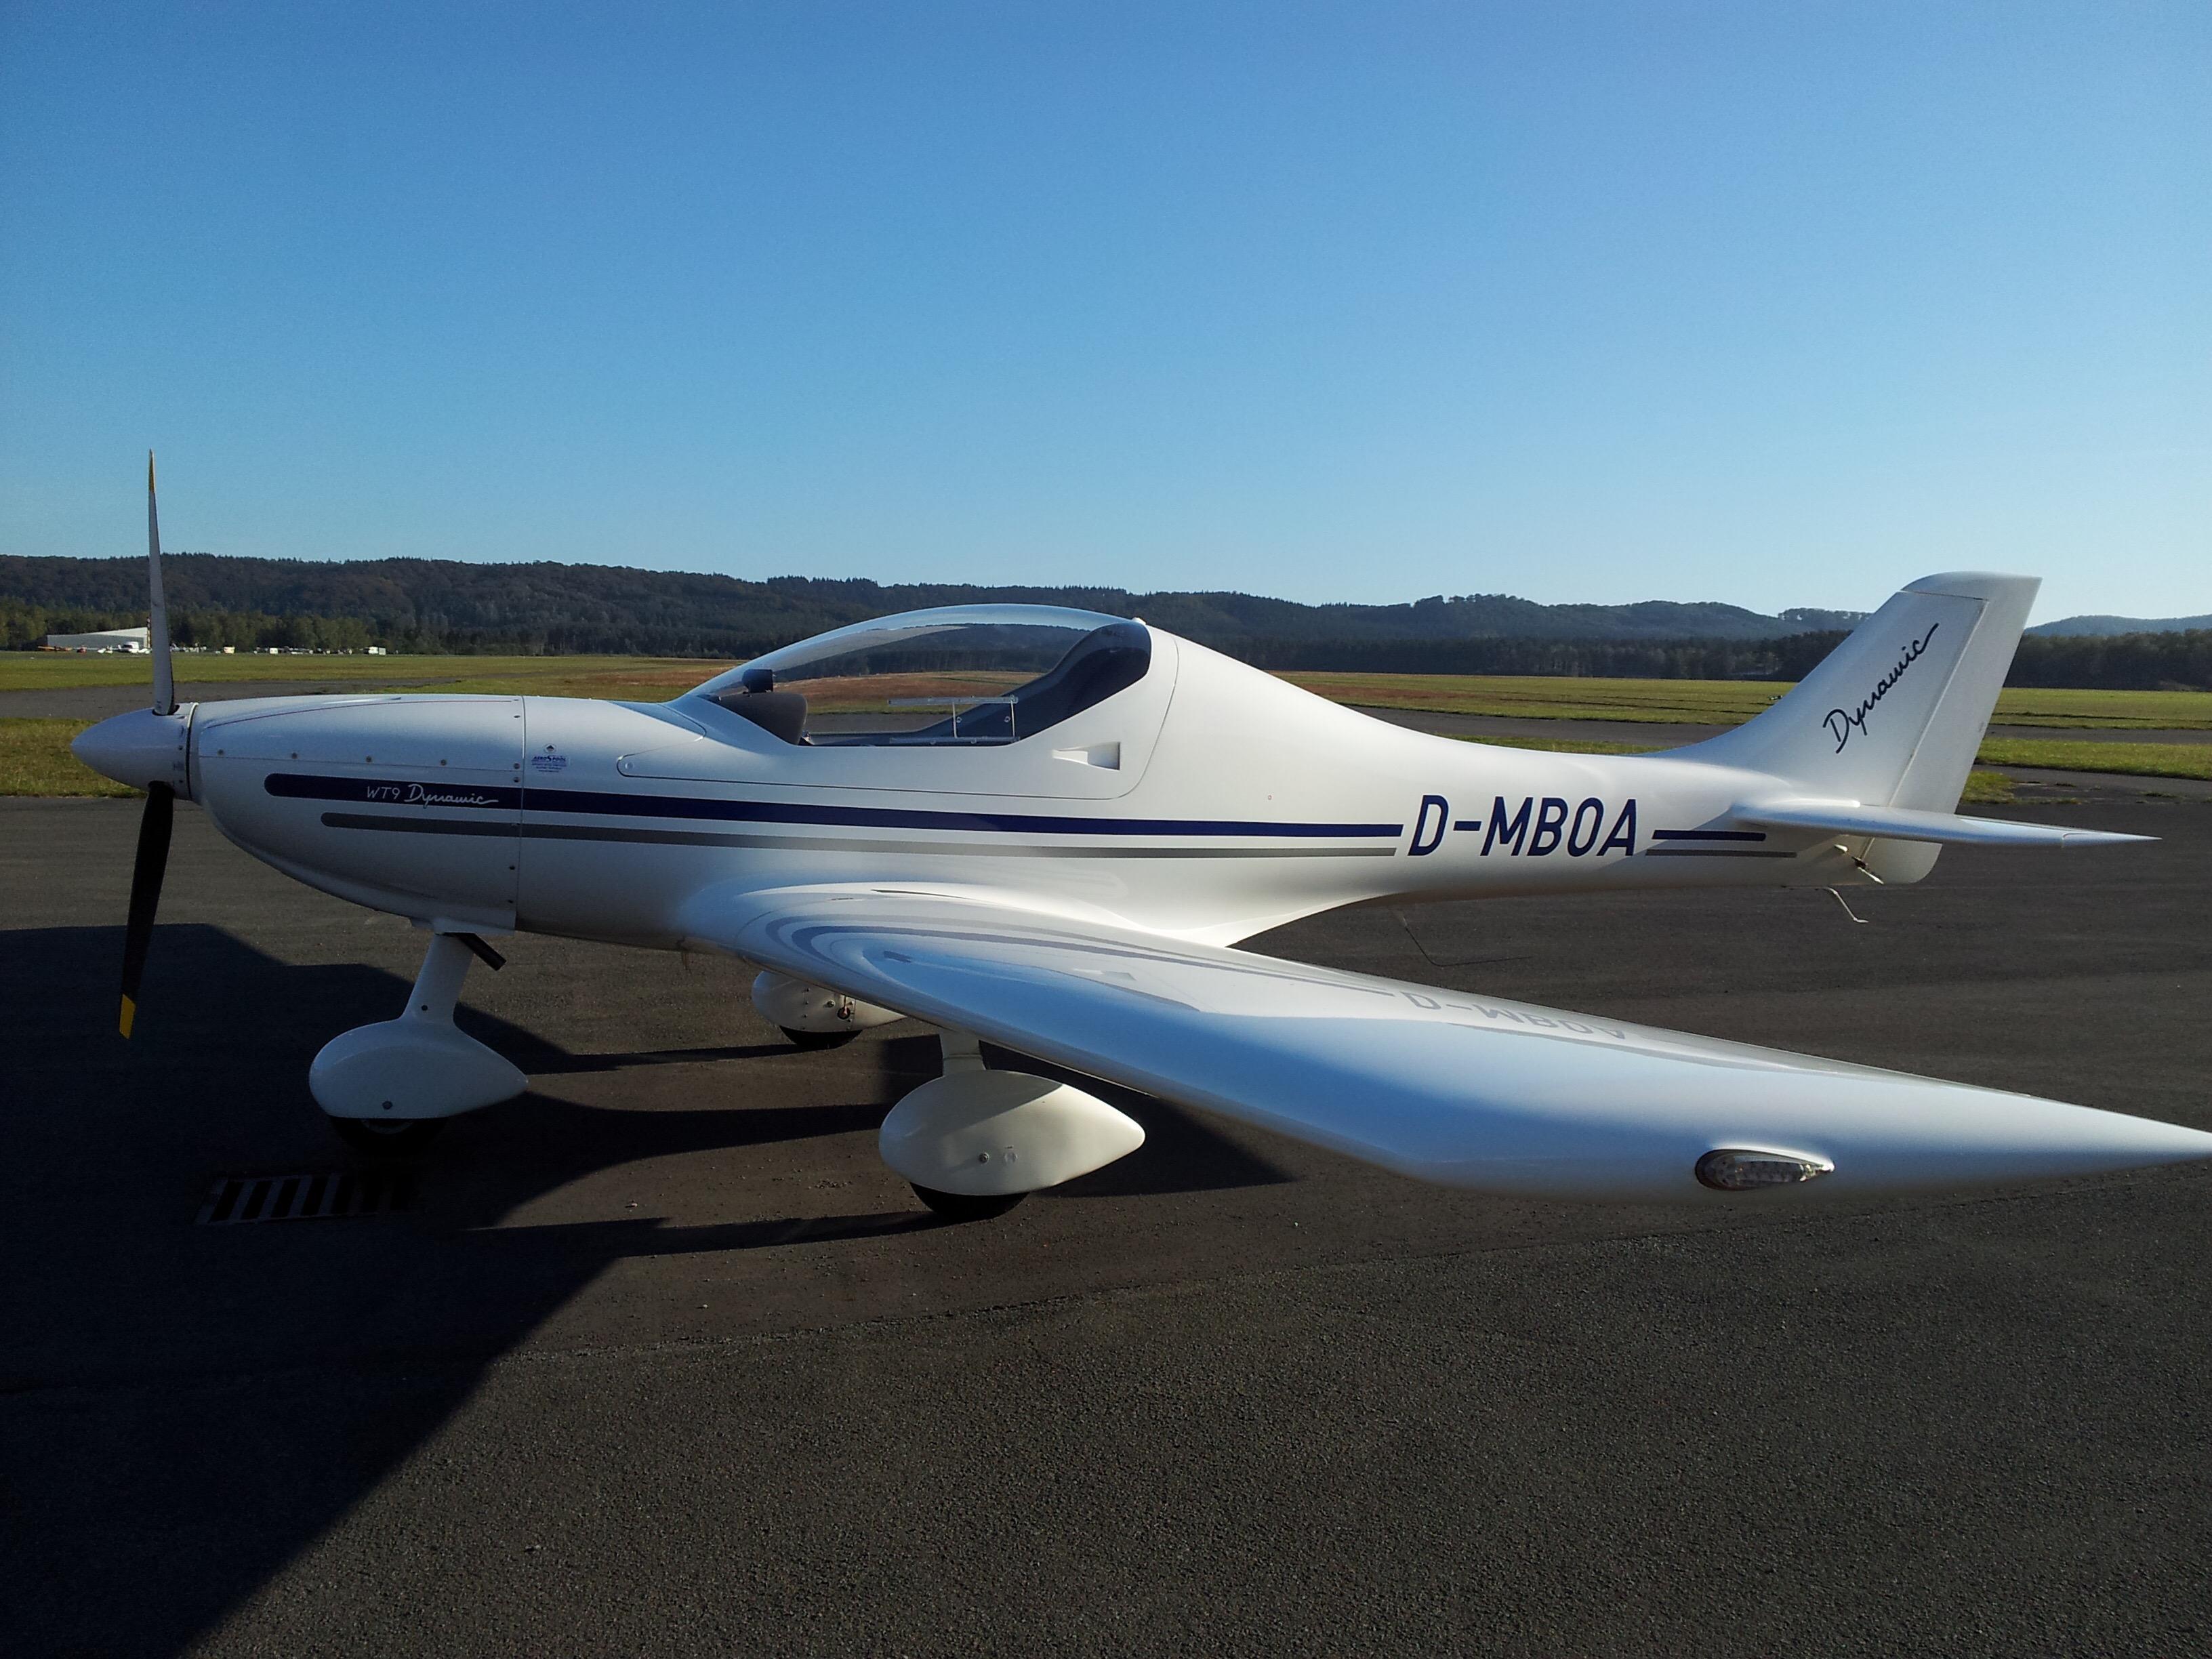 7480A009-E12F-430D-A0DA-A2FB6DDCE184